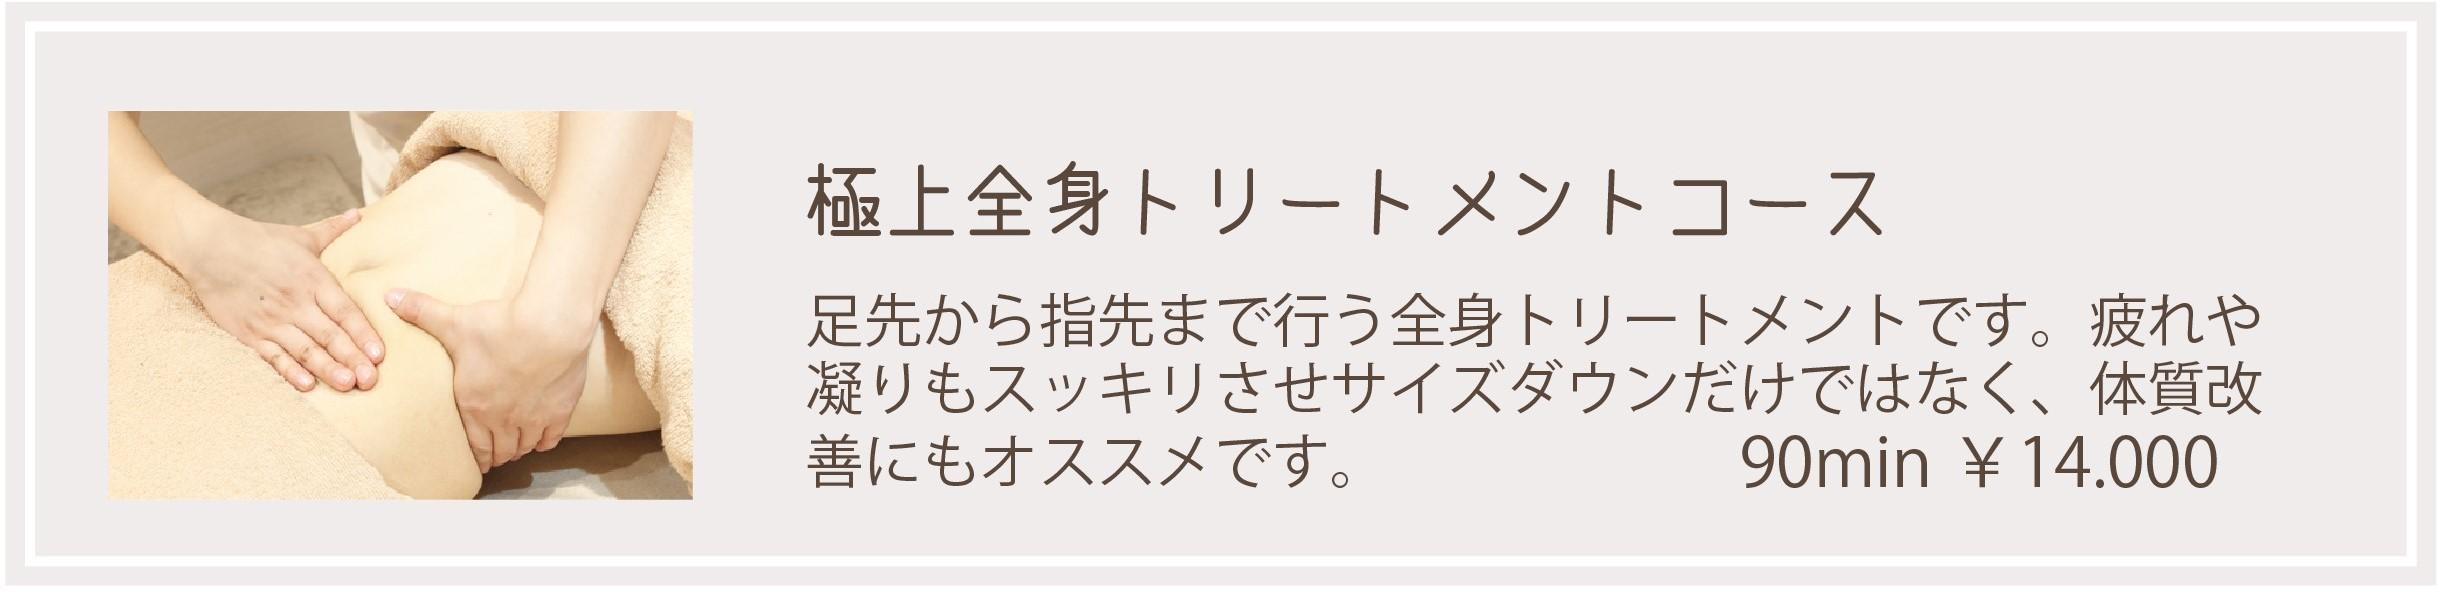 ボディメニュー (5)